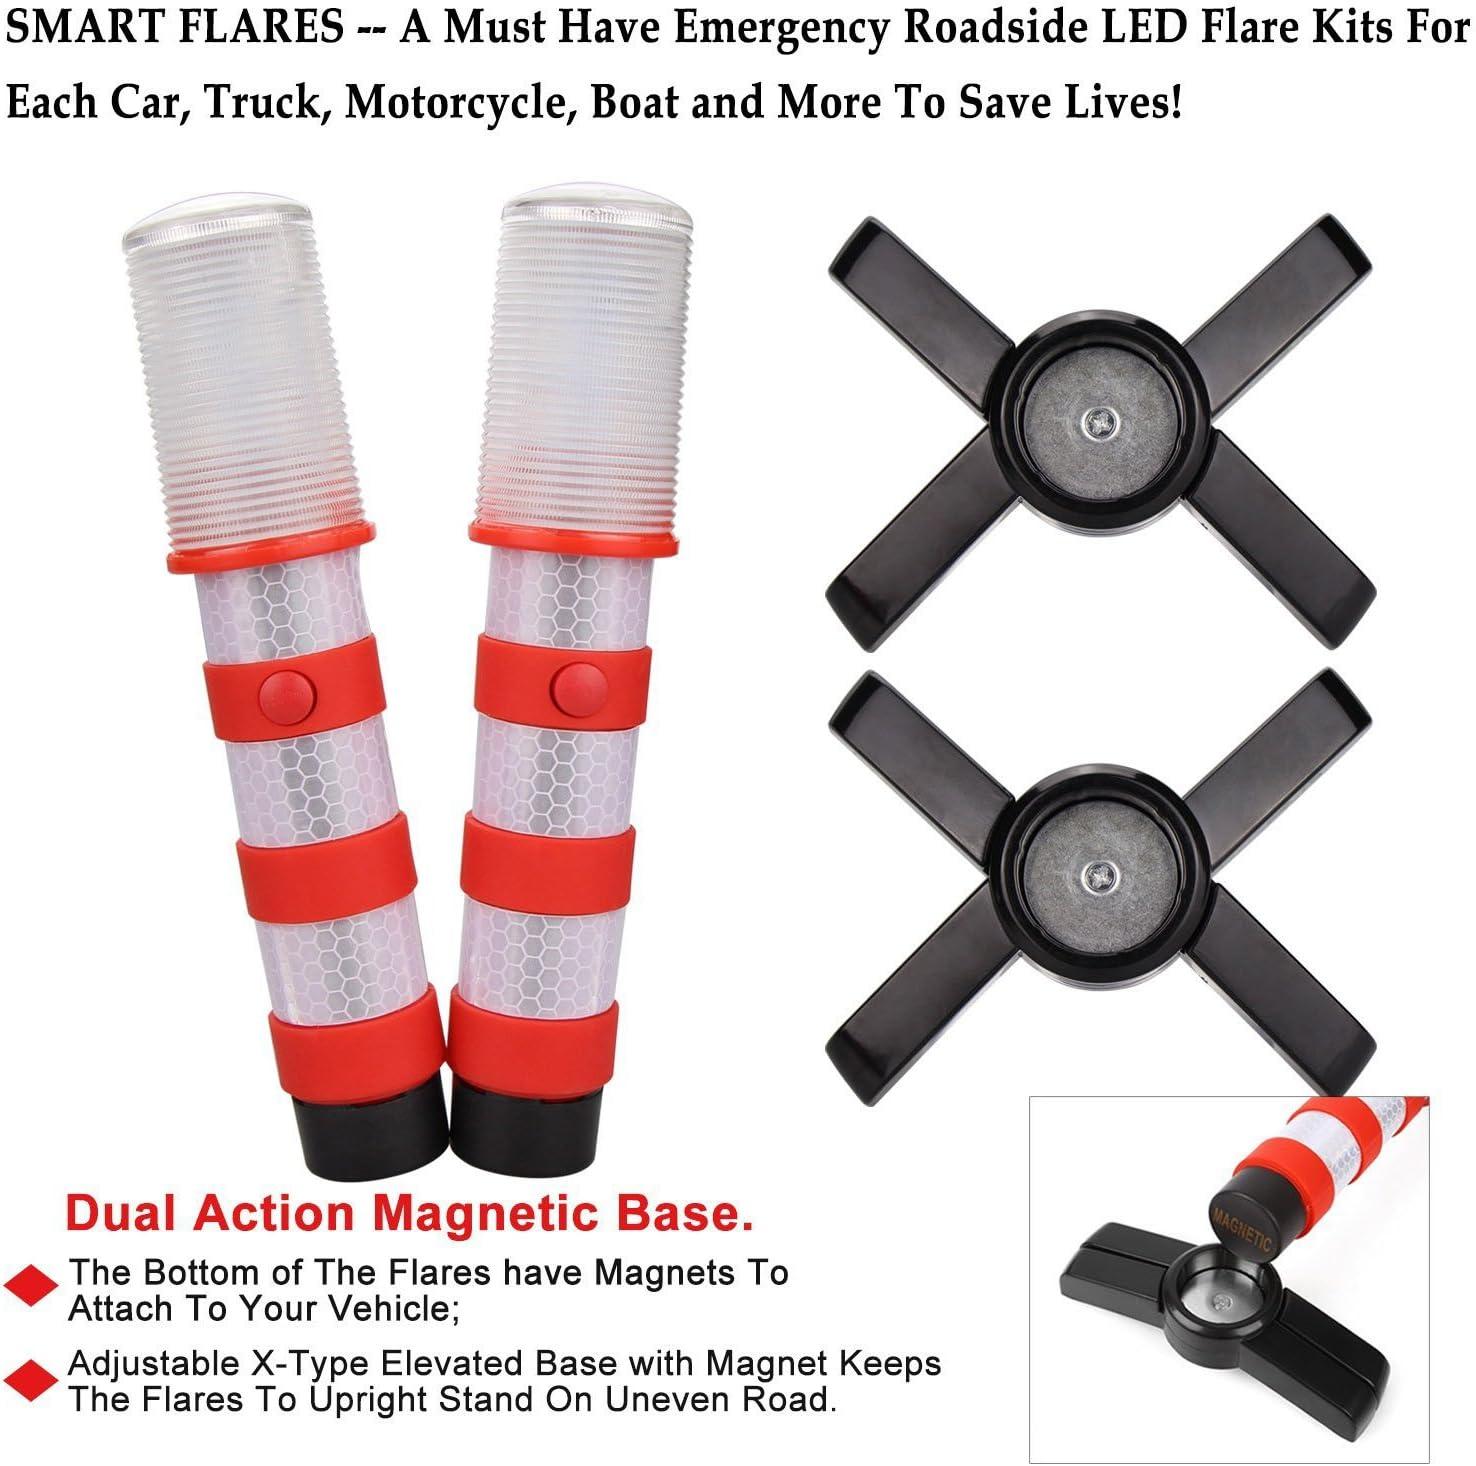 Warnsignal LED-Notfallleuchte magnetischer Sockel und aufrechter St/änder in solider Aufbewahrungsbox f/ür Auto // Boote // Fahrzeuge // LKW 2 case=4 pcs roter Stra/ßenblinker